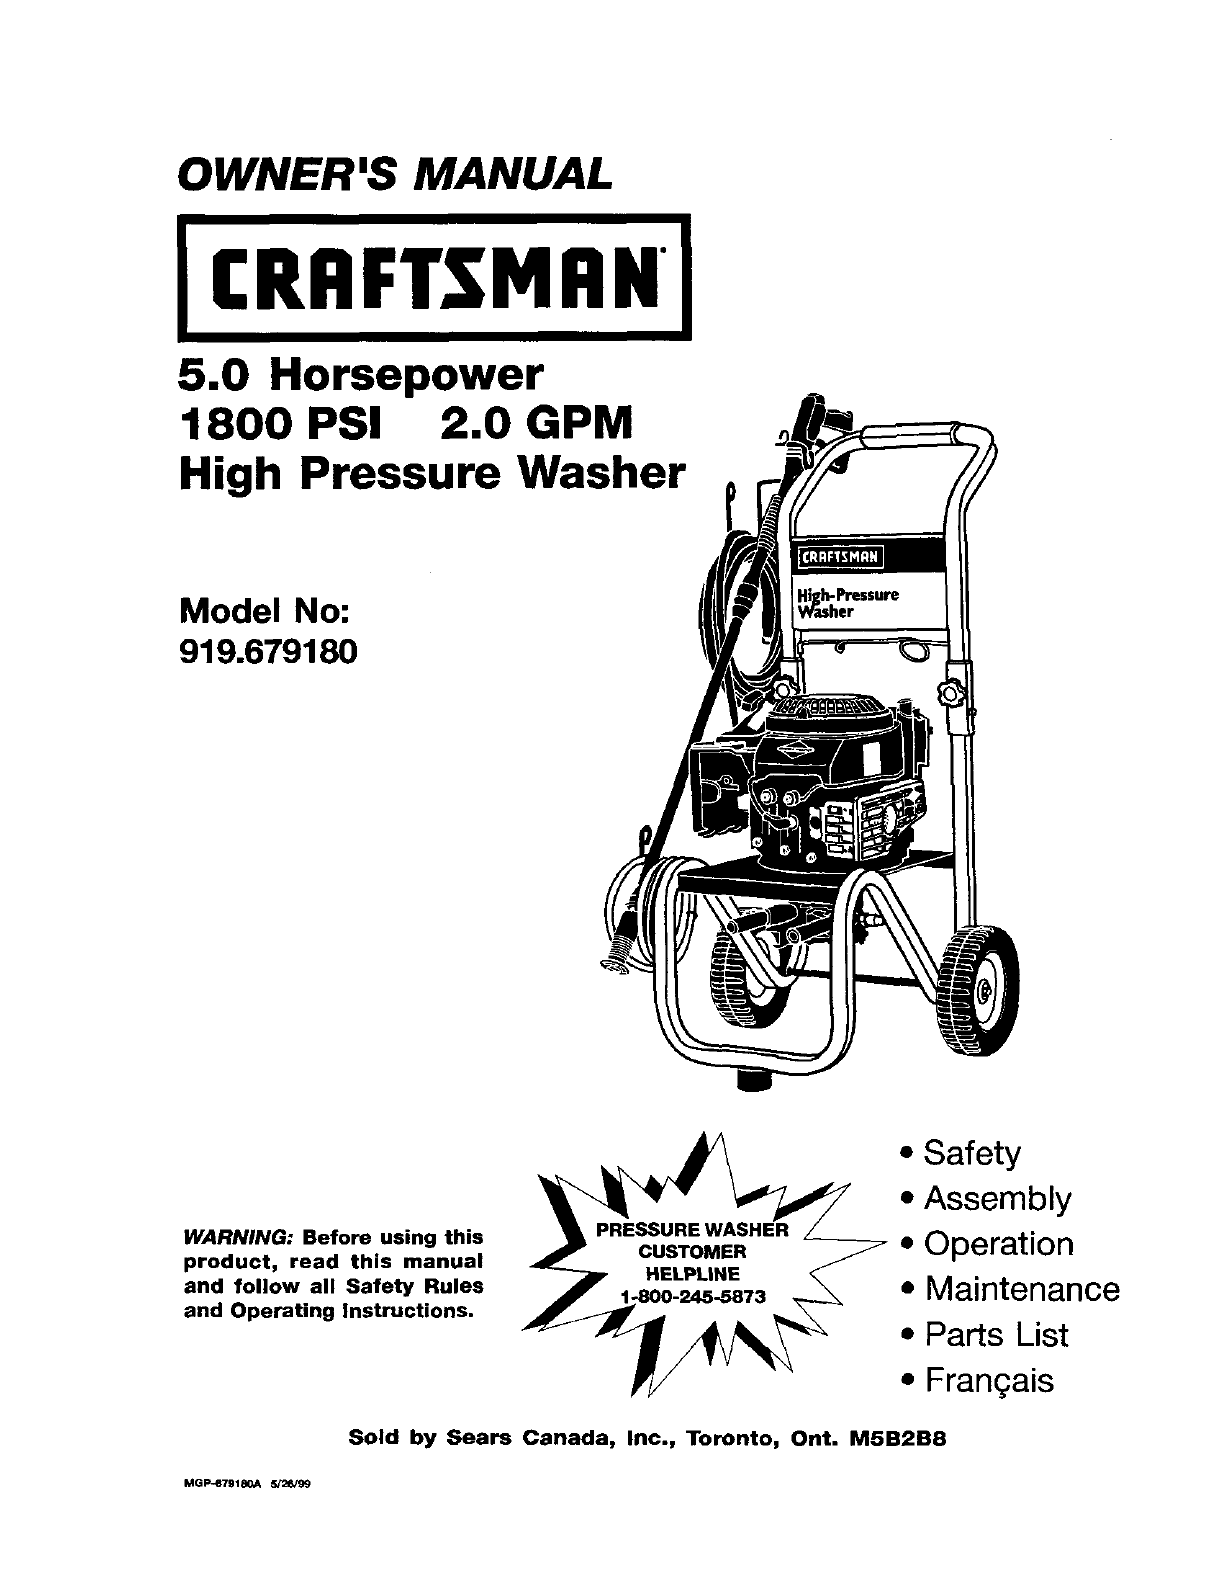 Craftsman 919679180 User Manual 2400 PSI HIGH PRESSURE